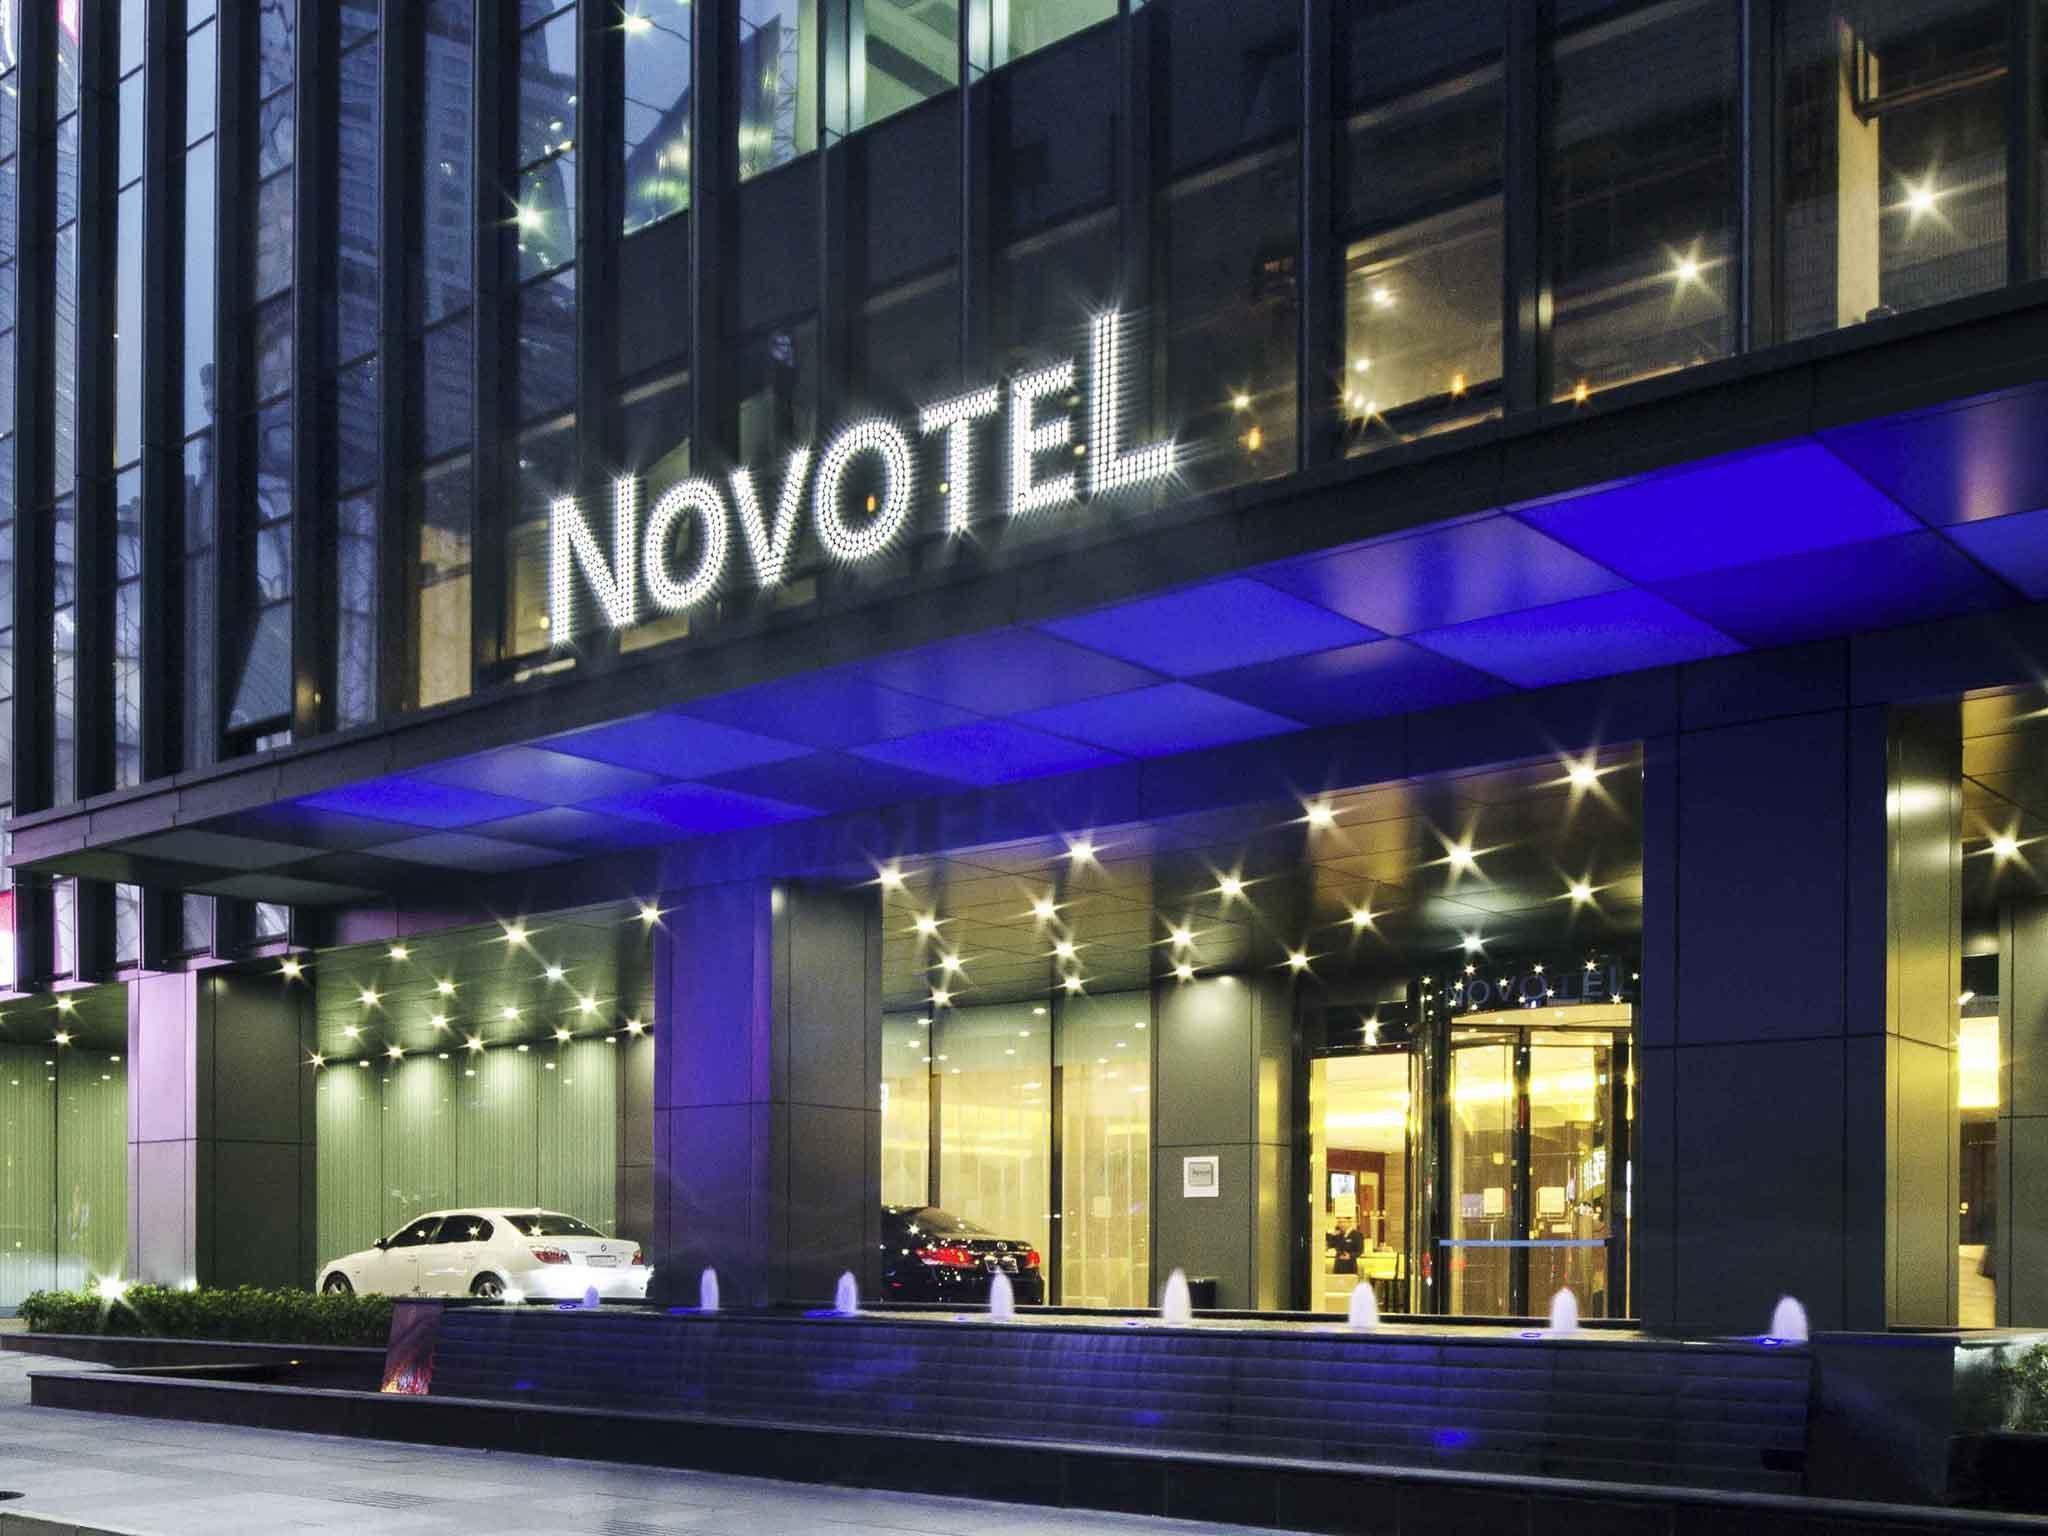 Novotel Nanjing Central Hotel, Nanjing